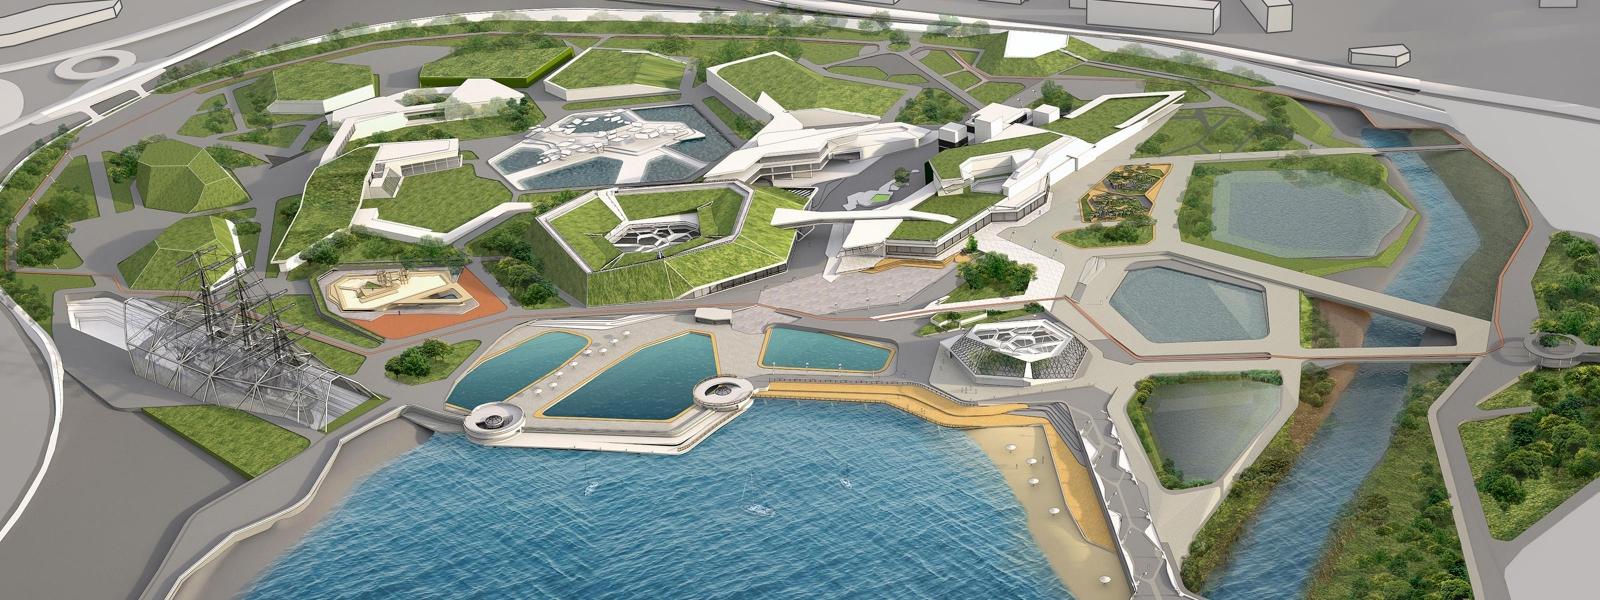 work-Центр восстановления водной среды во Владивостоке